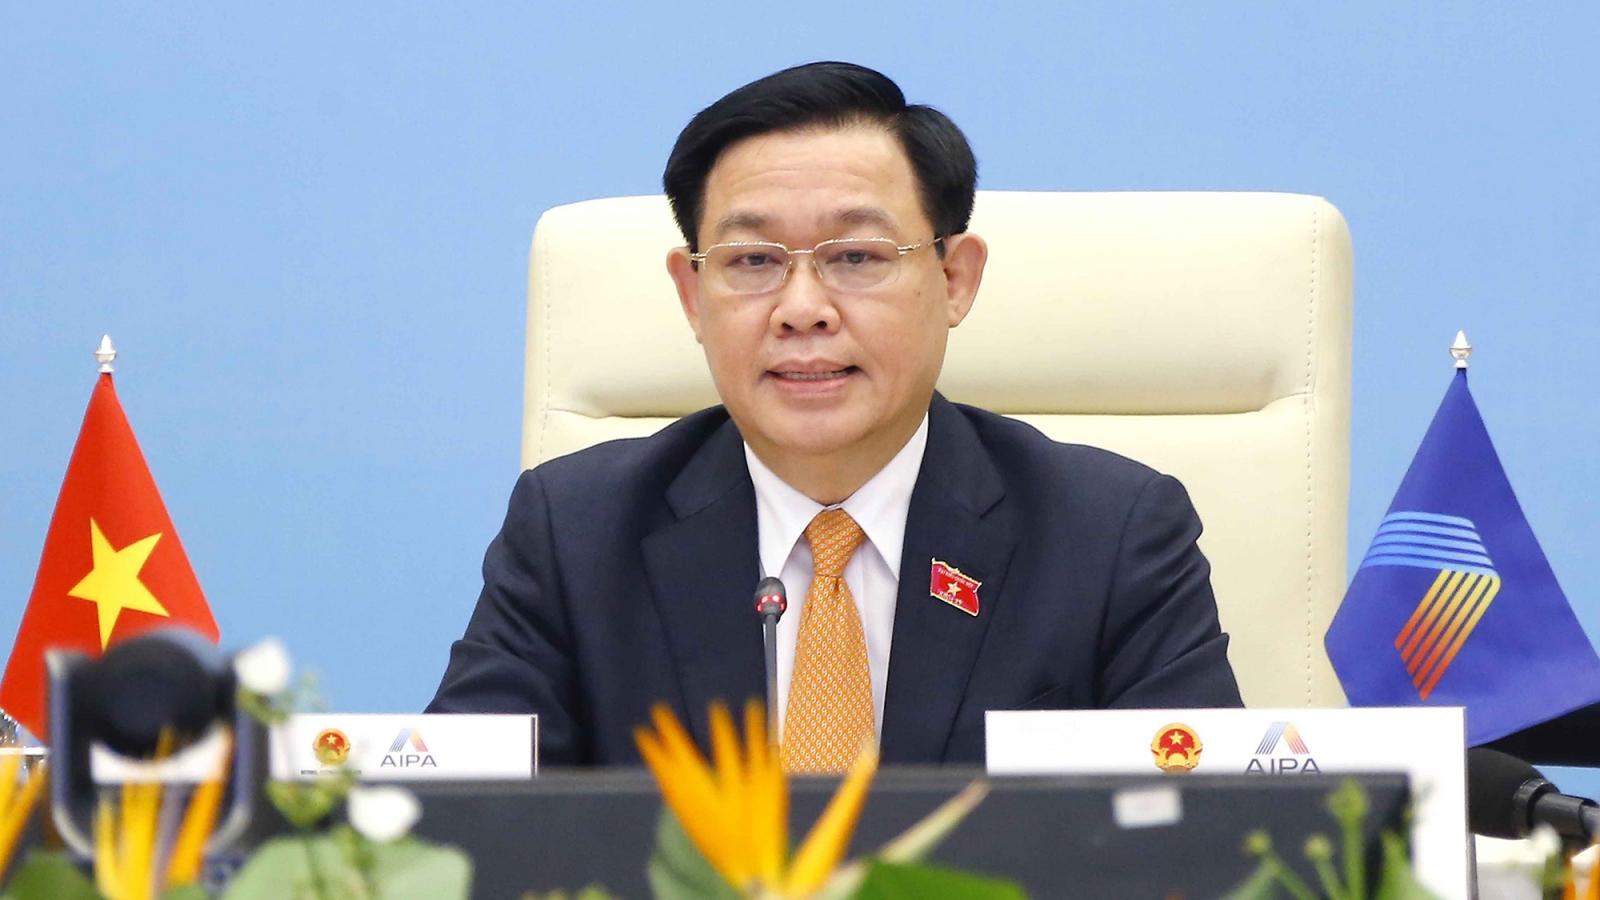 Chủ tịch Quốc hội: Càng qua sóng gió thì tình cảm ASEAN càng được củng cố và bồi đắp